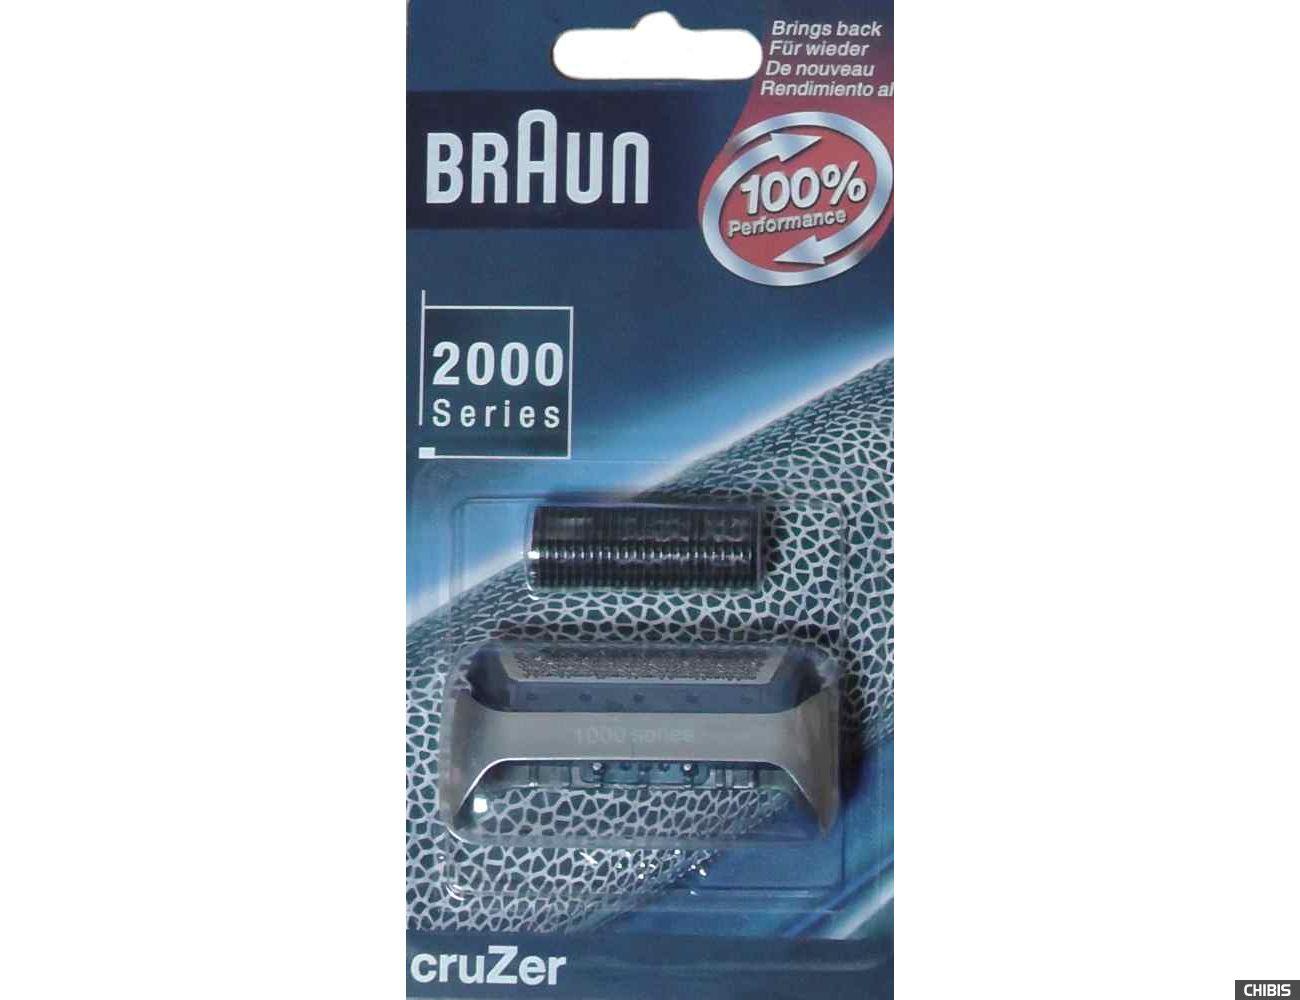 Сетка и нож Браун 20S для бритв серии 1000/2000 крузер, фриконтрол